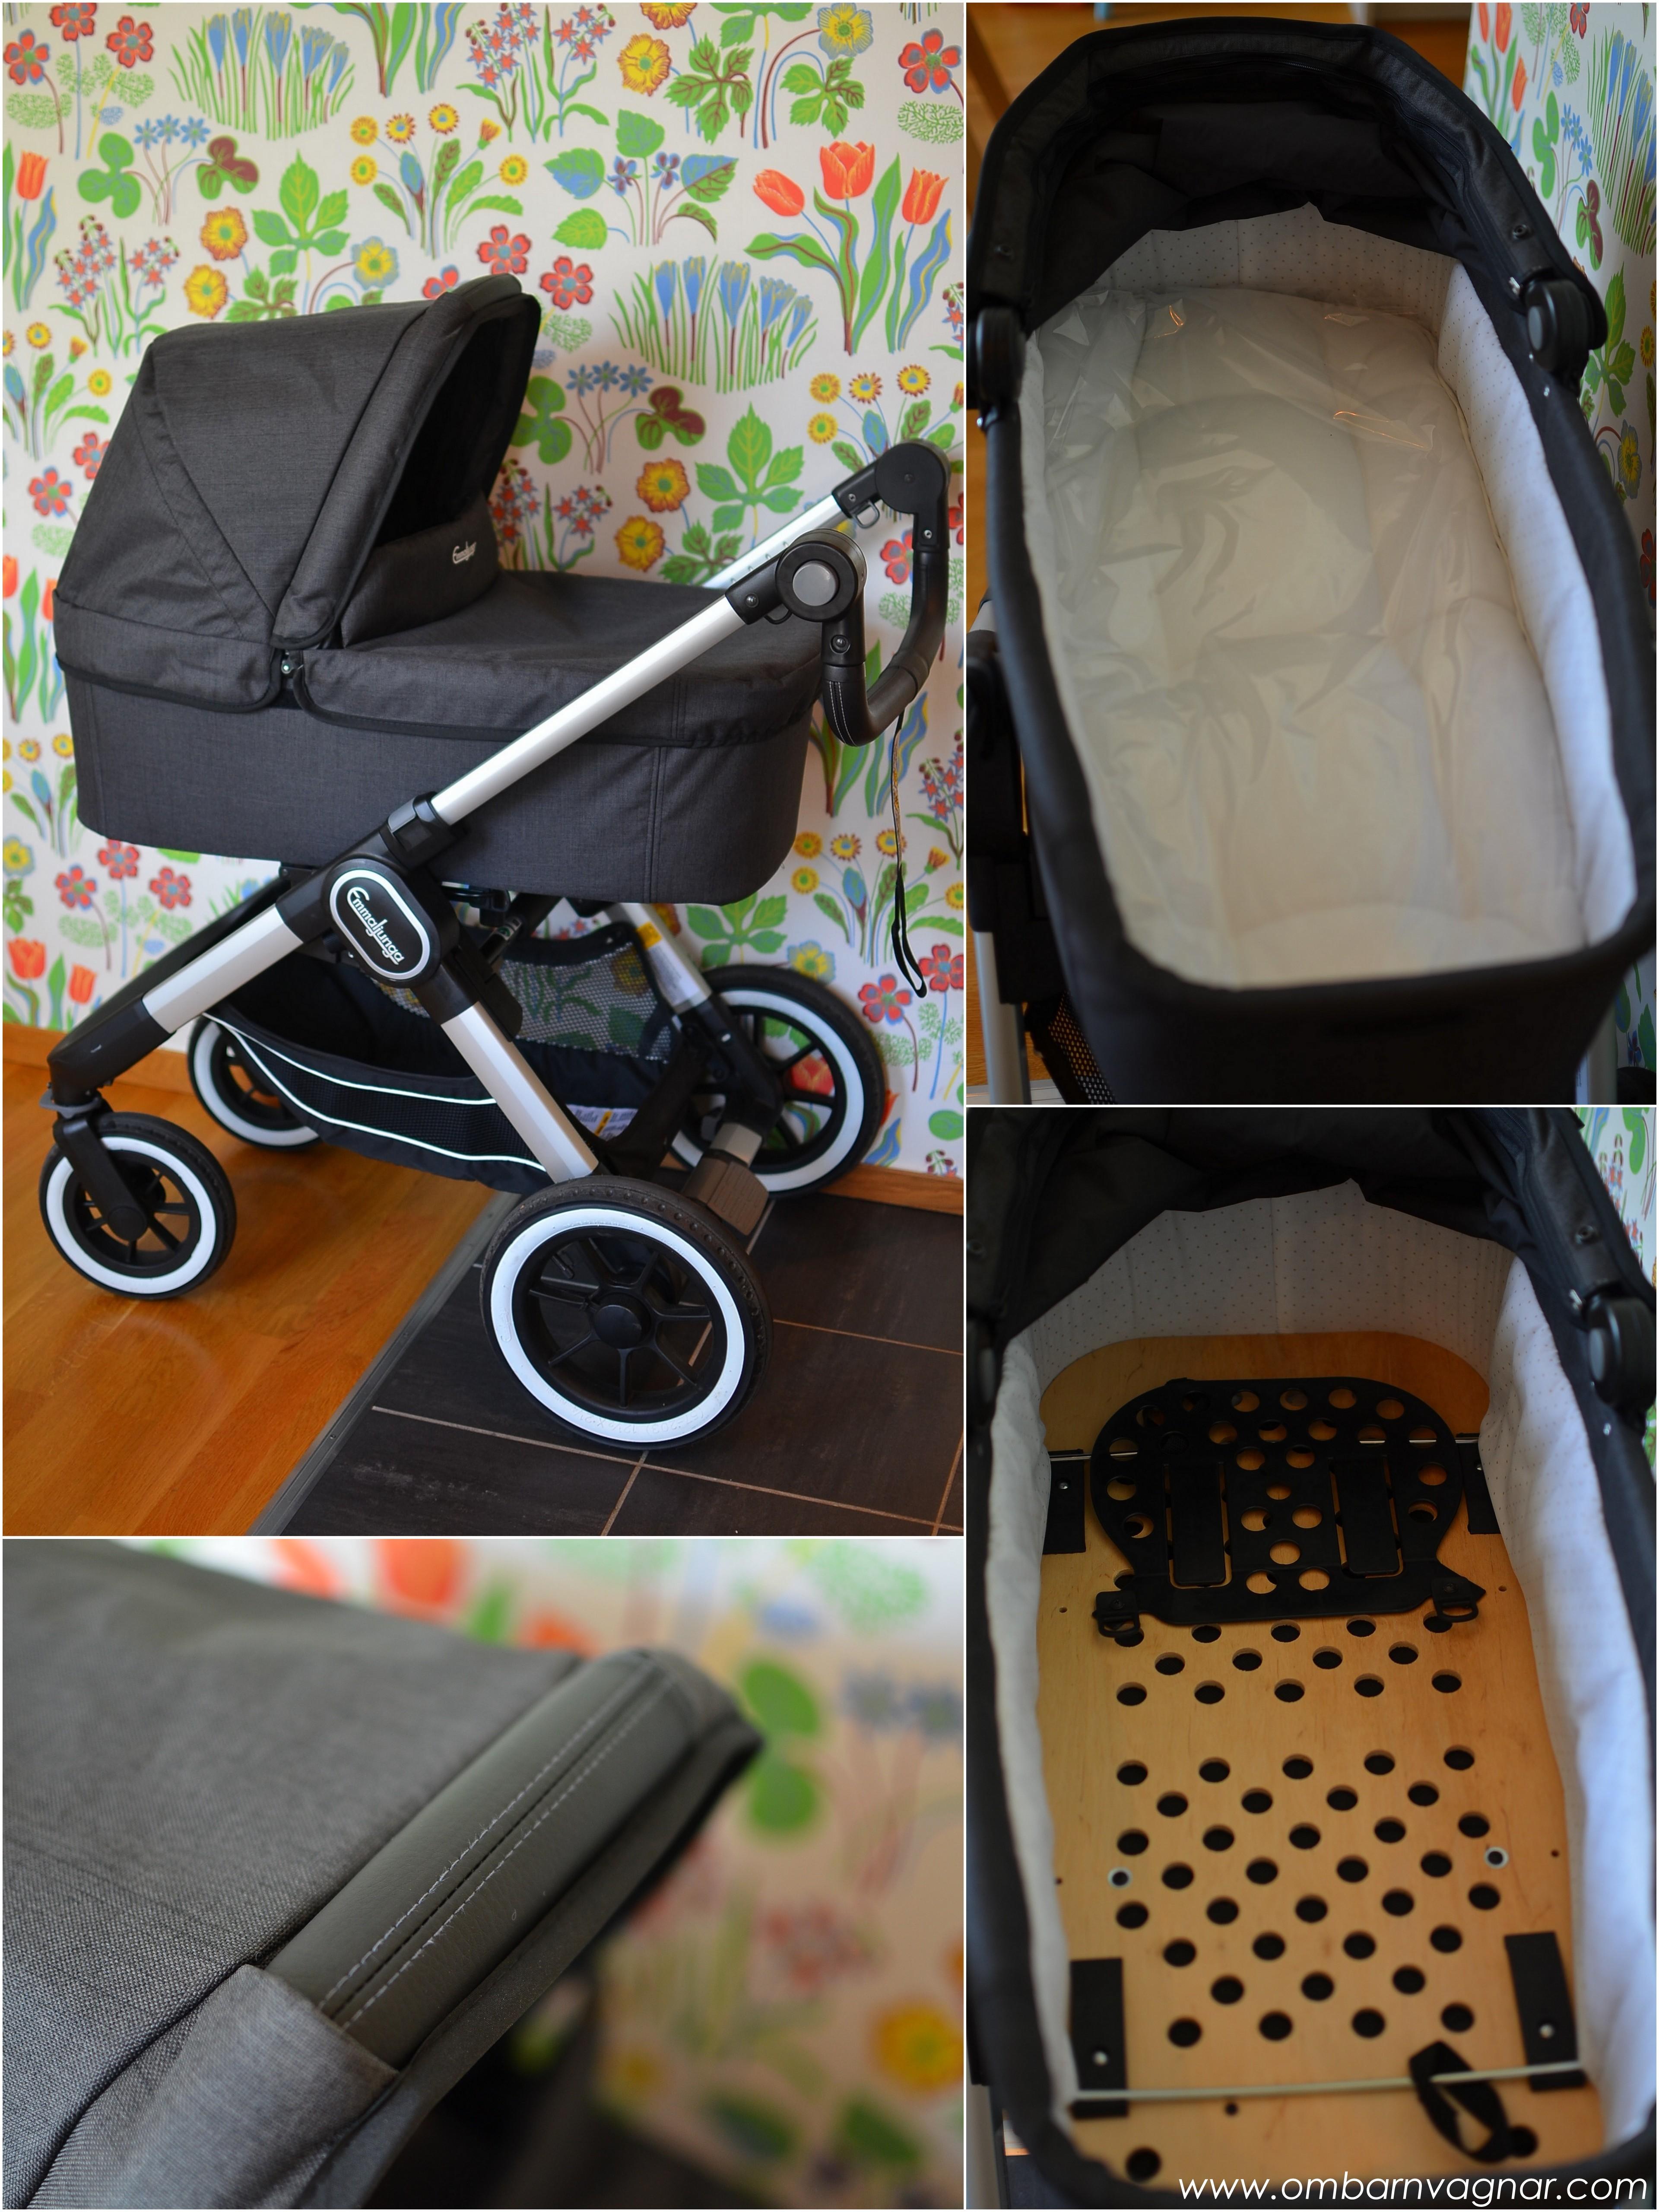 regnskydd barnvagn jollyroom